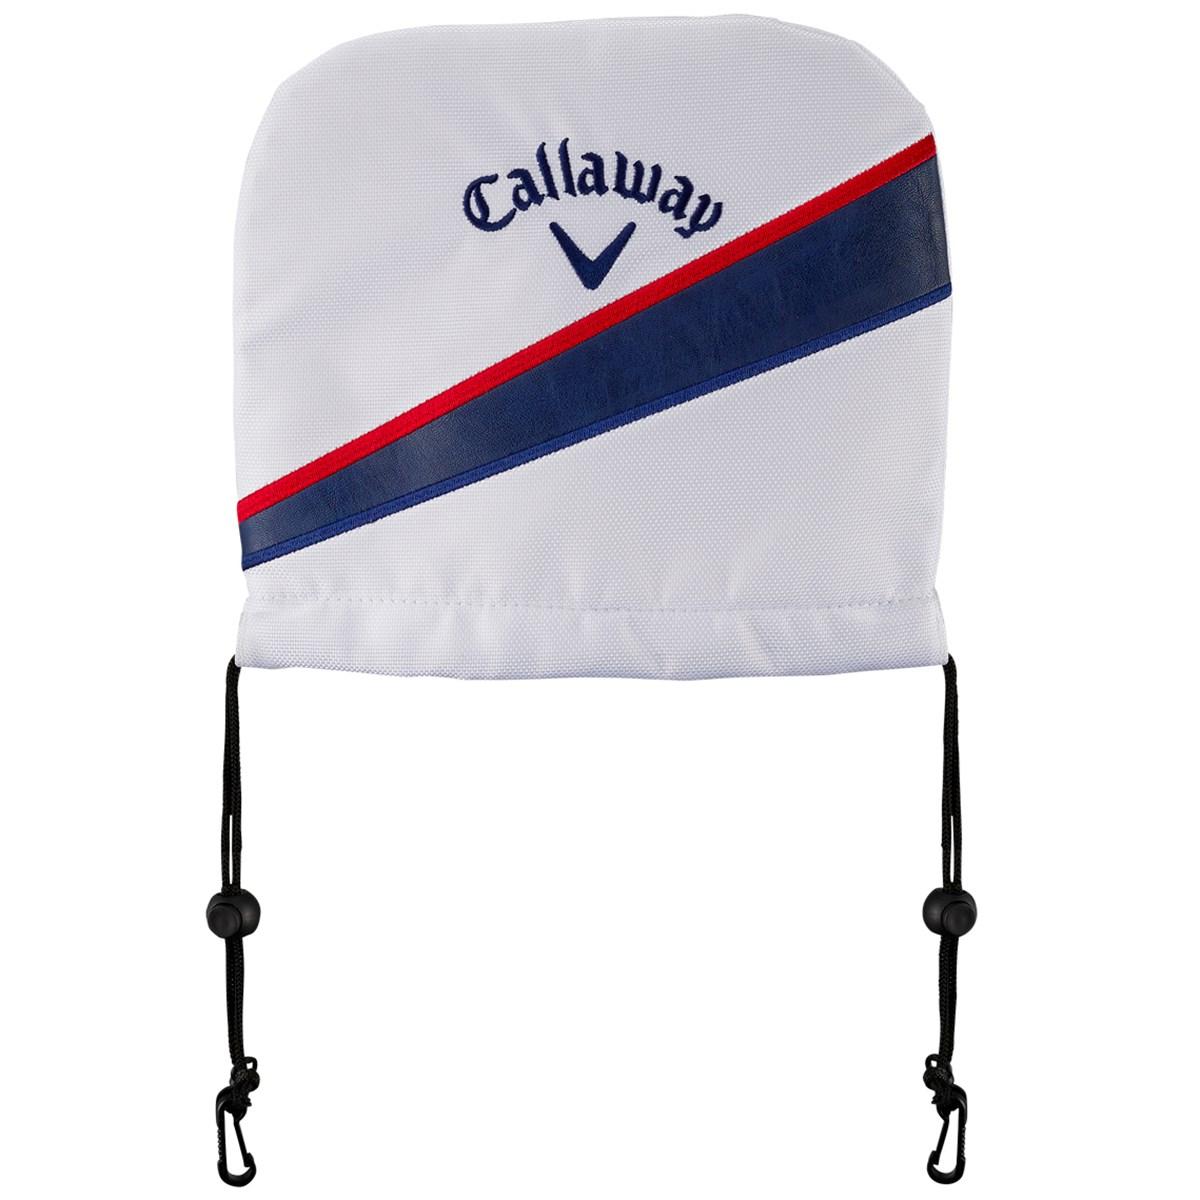 キャロウェイゴルフ(Callaway Golf) AM ACTIVE JM アイアンカバー